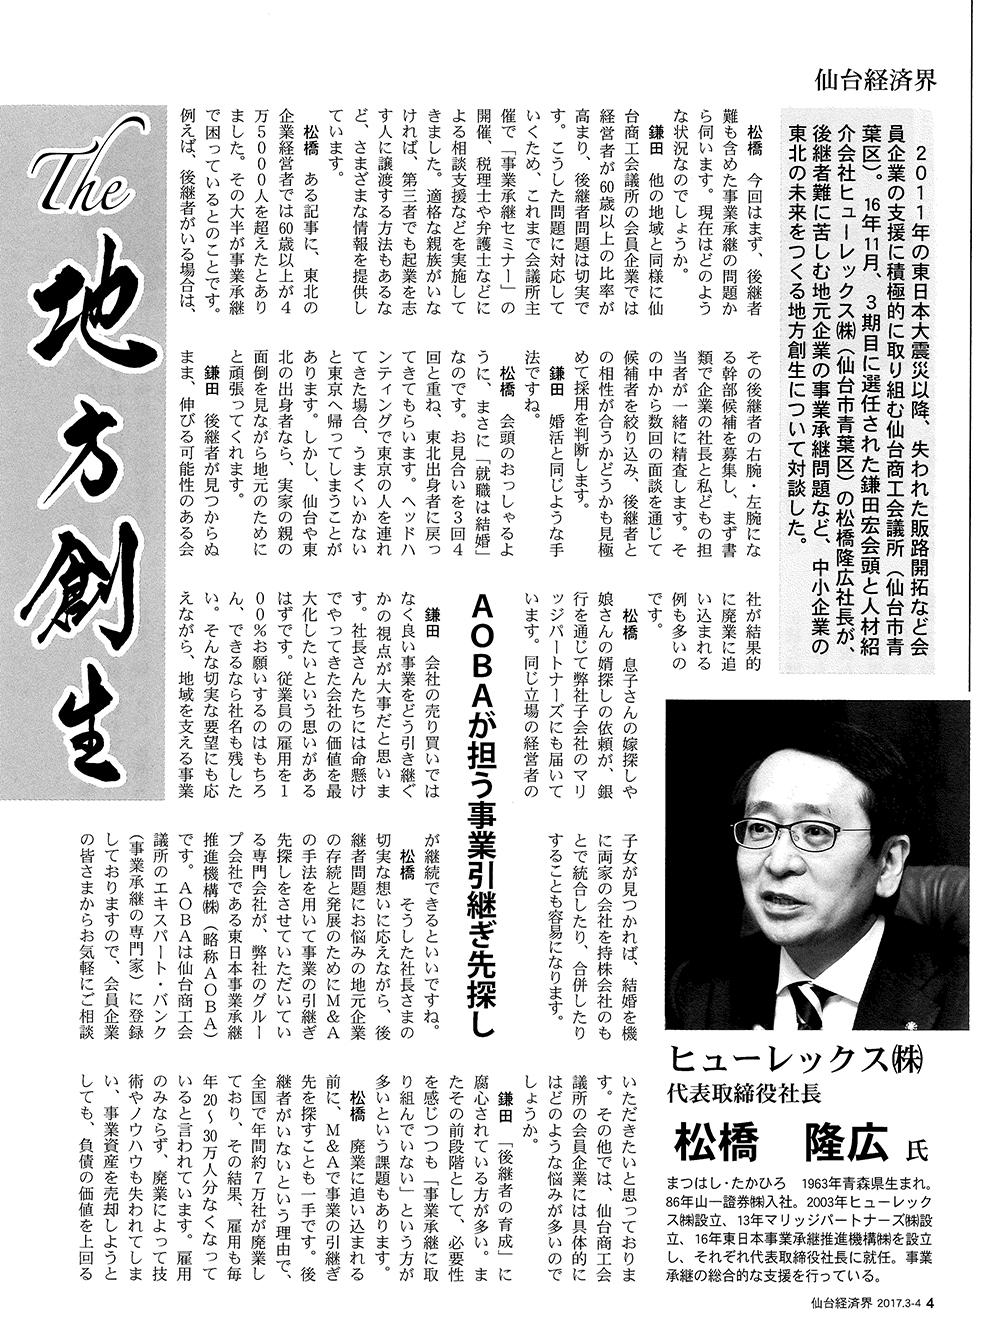 仙台経済界3-4月001